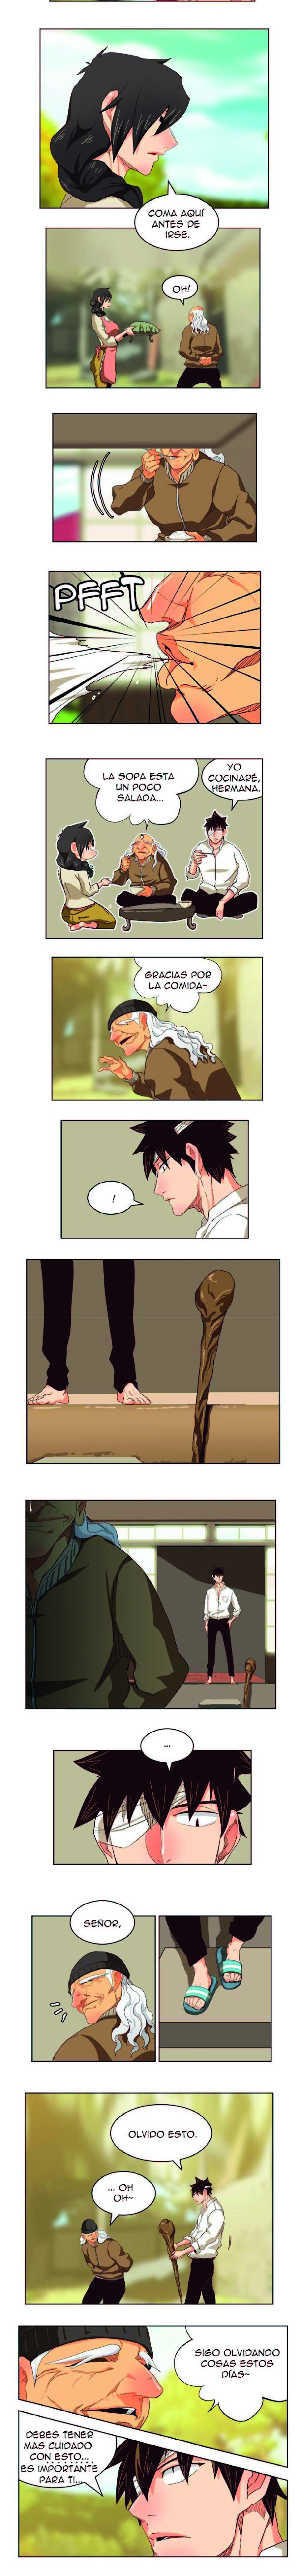 http://c5.ninemanga.com/es_manga/37/485/439576/ec5ec3ab3ae96eb7f5981a59ab485279.jpg Page 5